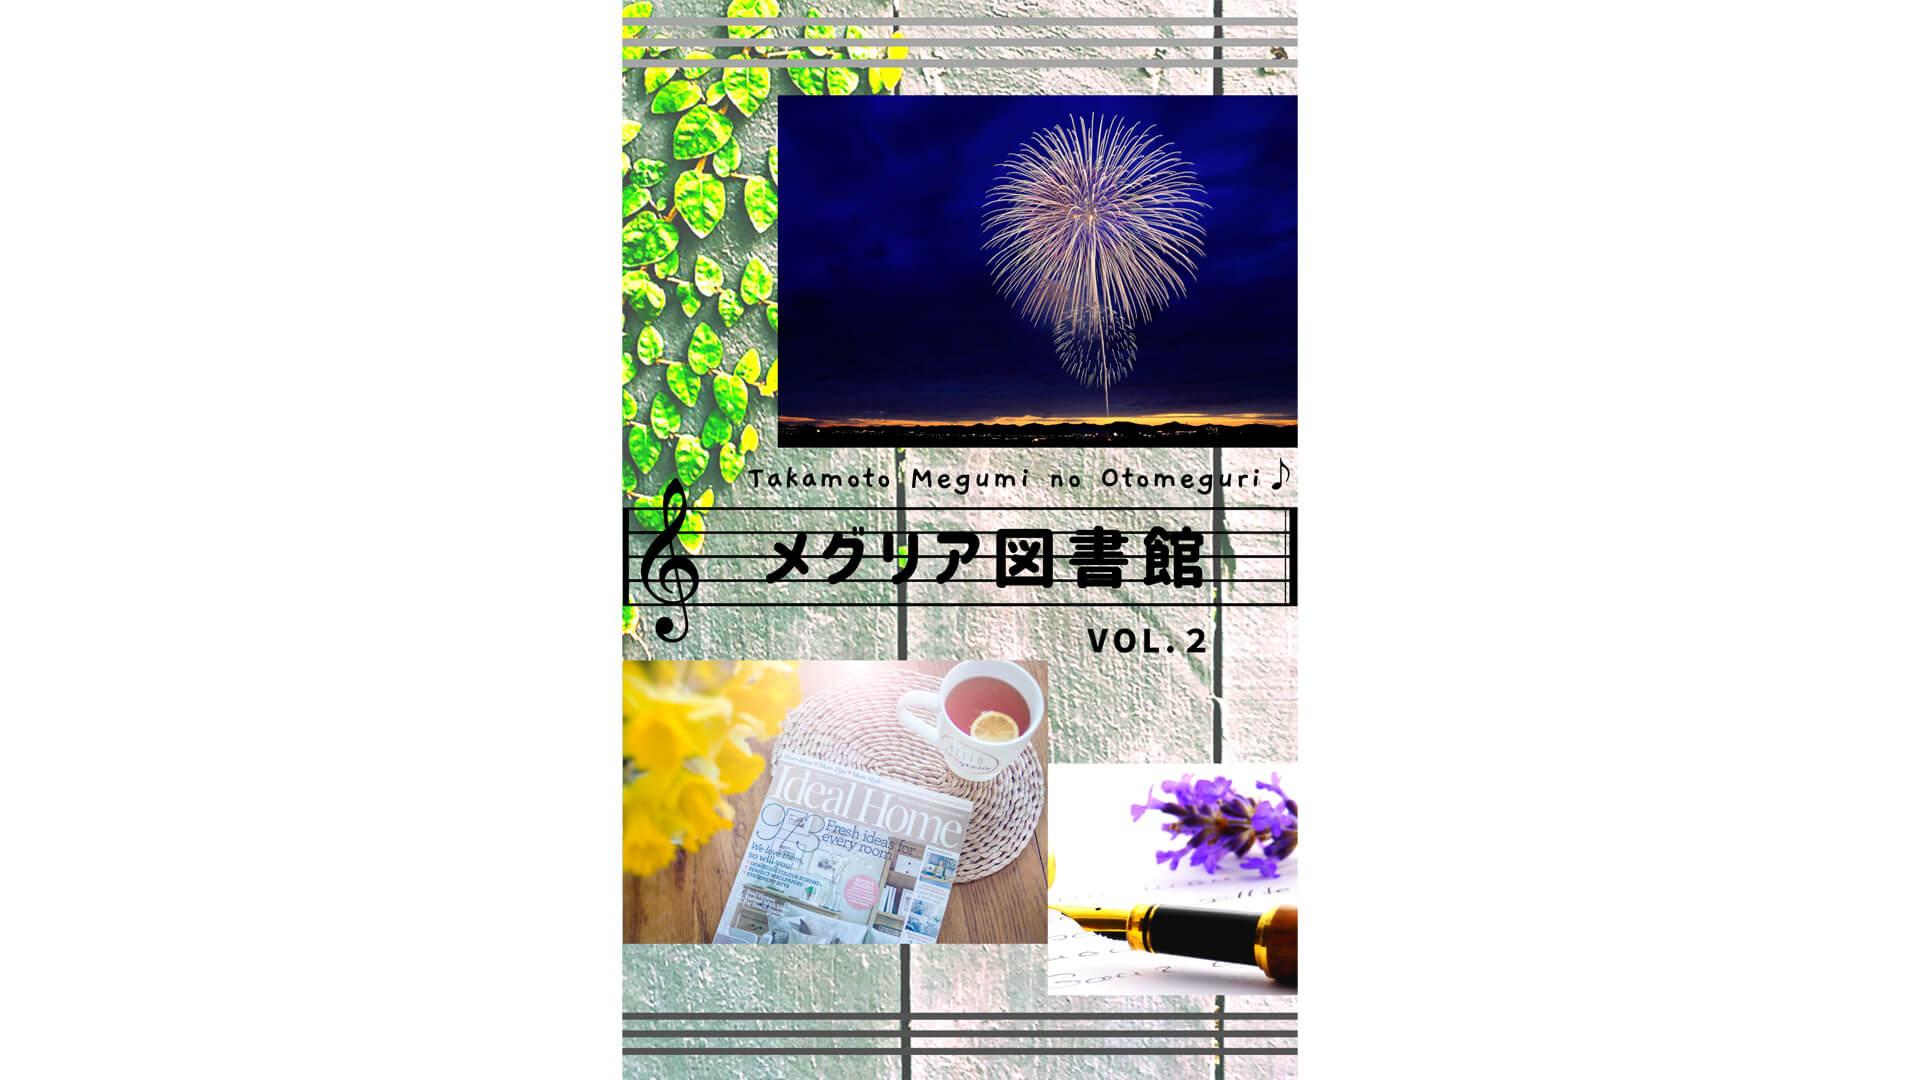 電子書籍 第2弾が発売! メグリア図書館 VOL.2【高本めぐみの音めぐり♪】